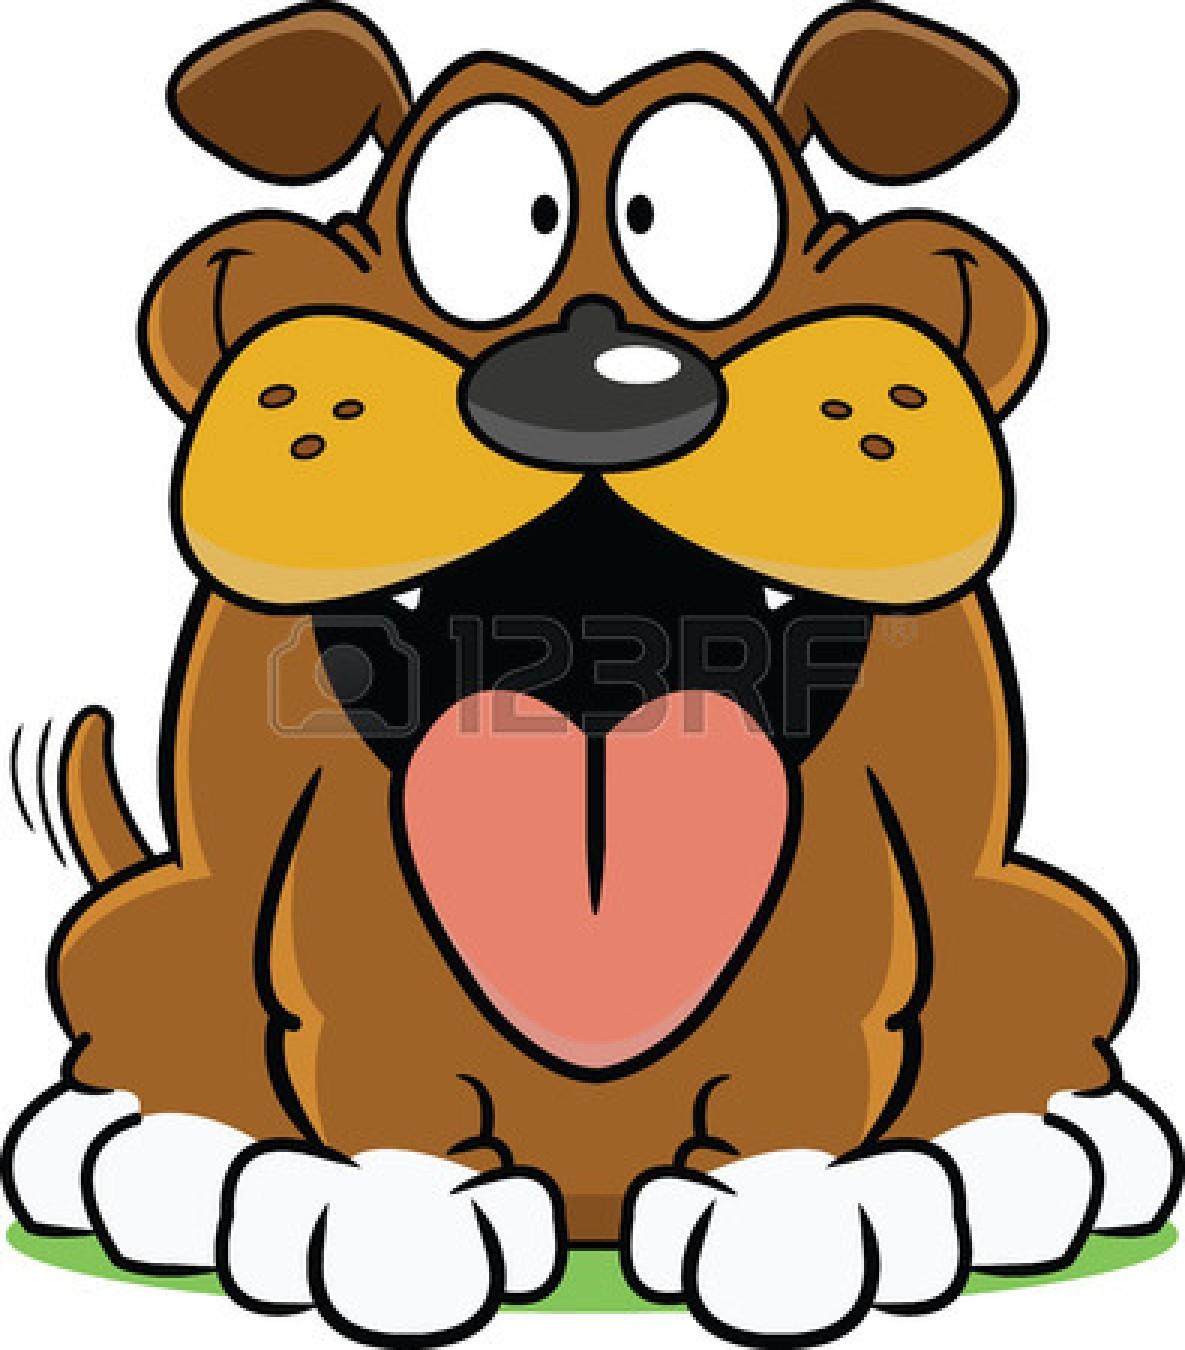 Big dog clip art vector library download Big Dog Clipart - Clipart Kid vector library download